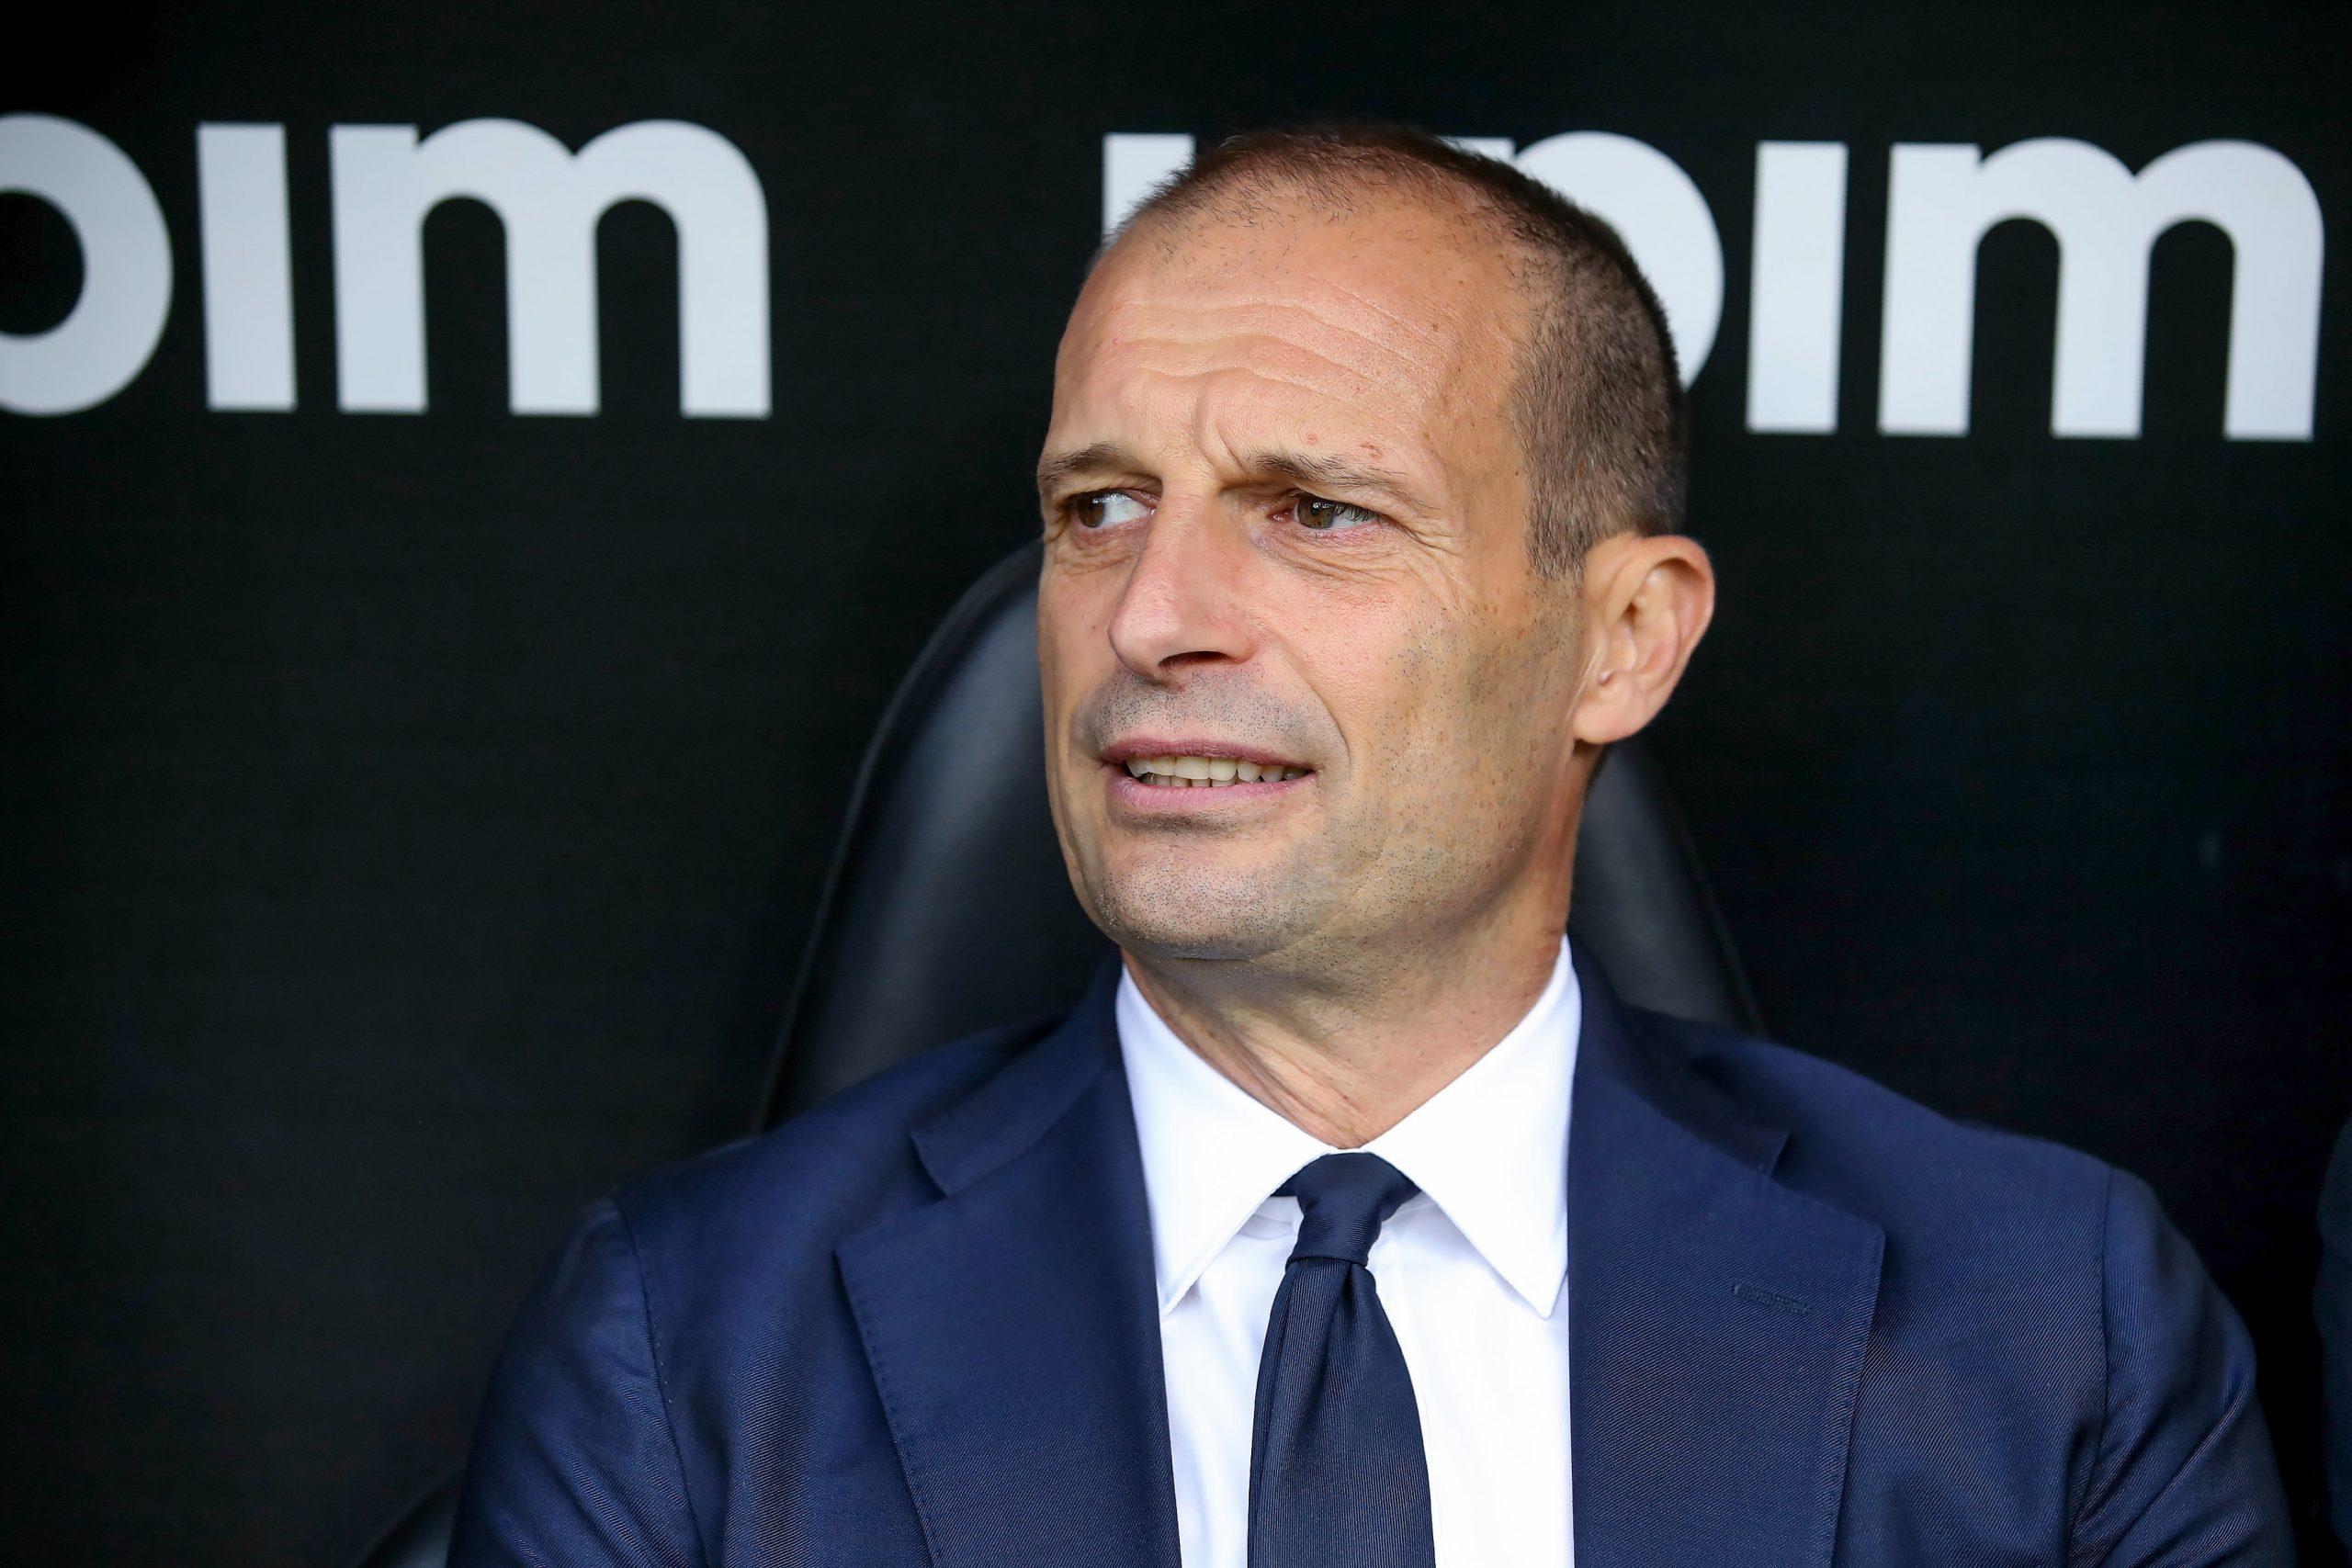 Mercato - Allegri est bien placé pour remplacer Tuchel au PSG d'après la presse italienne